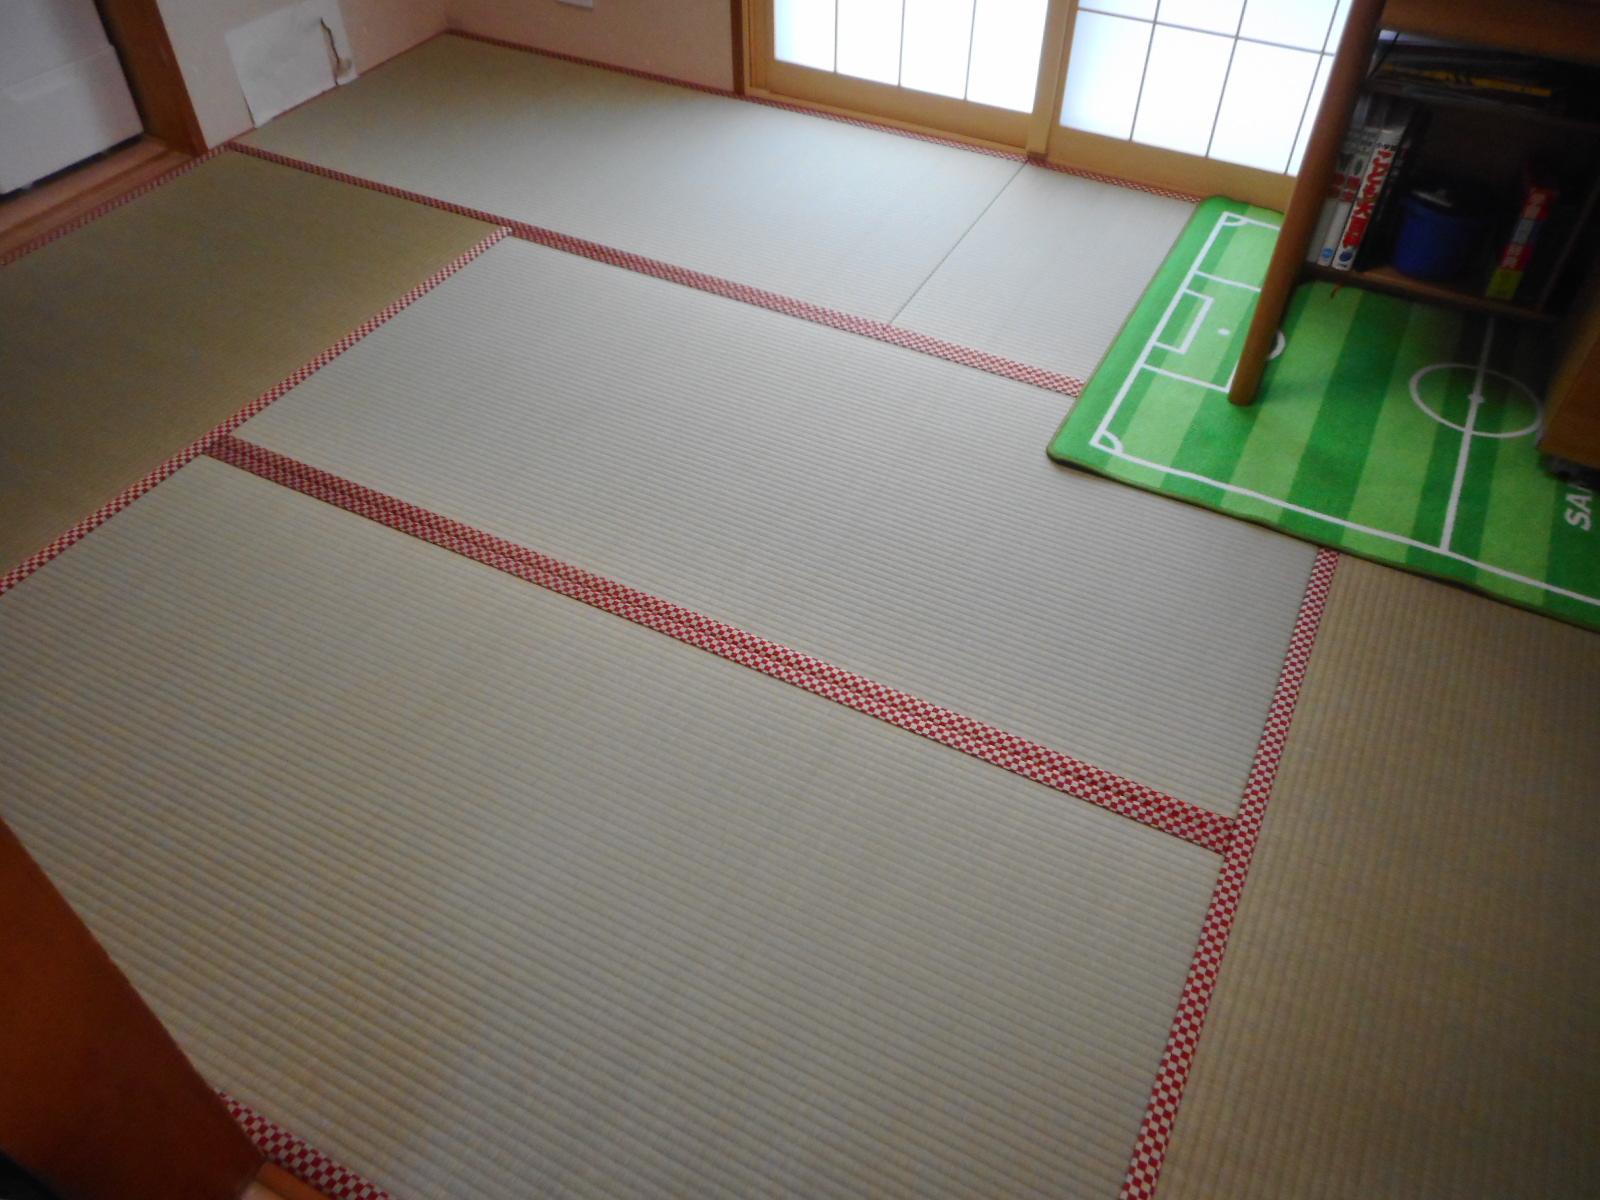 八王子市T様 新畳上級品の畳おもてと赤い畳縁の施工例